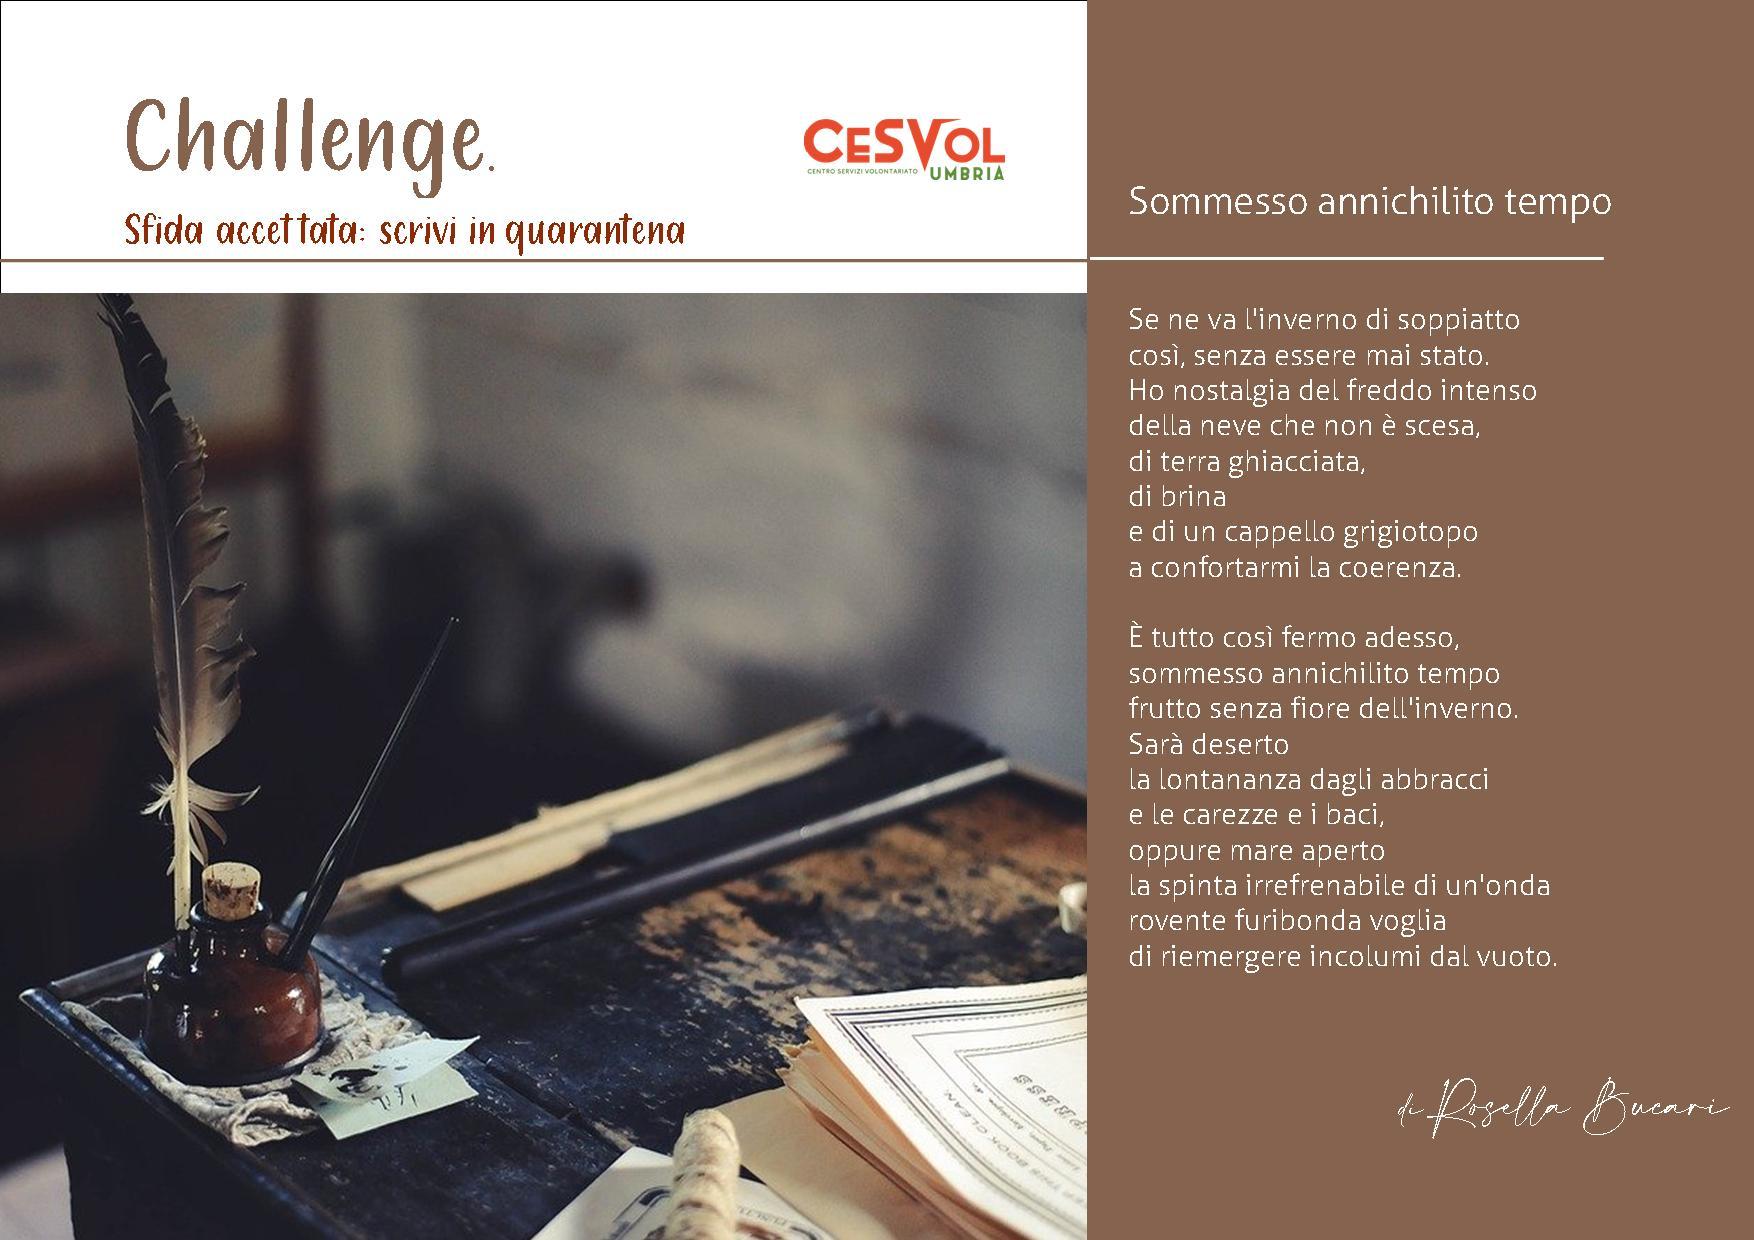 Challenge Sfida accettata: Scrivi in quarantena